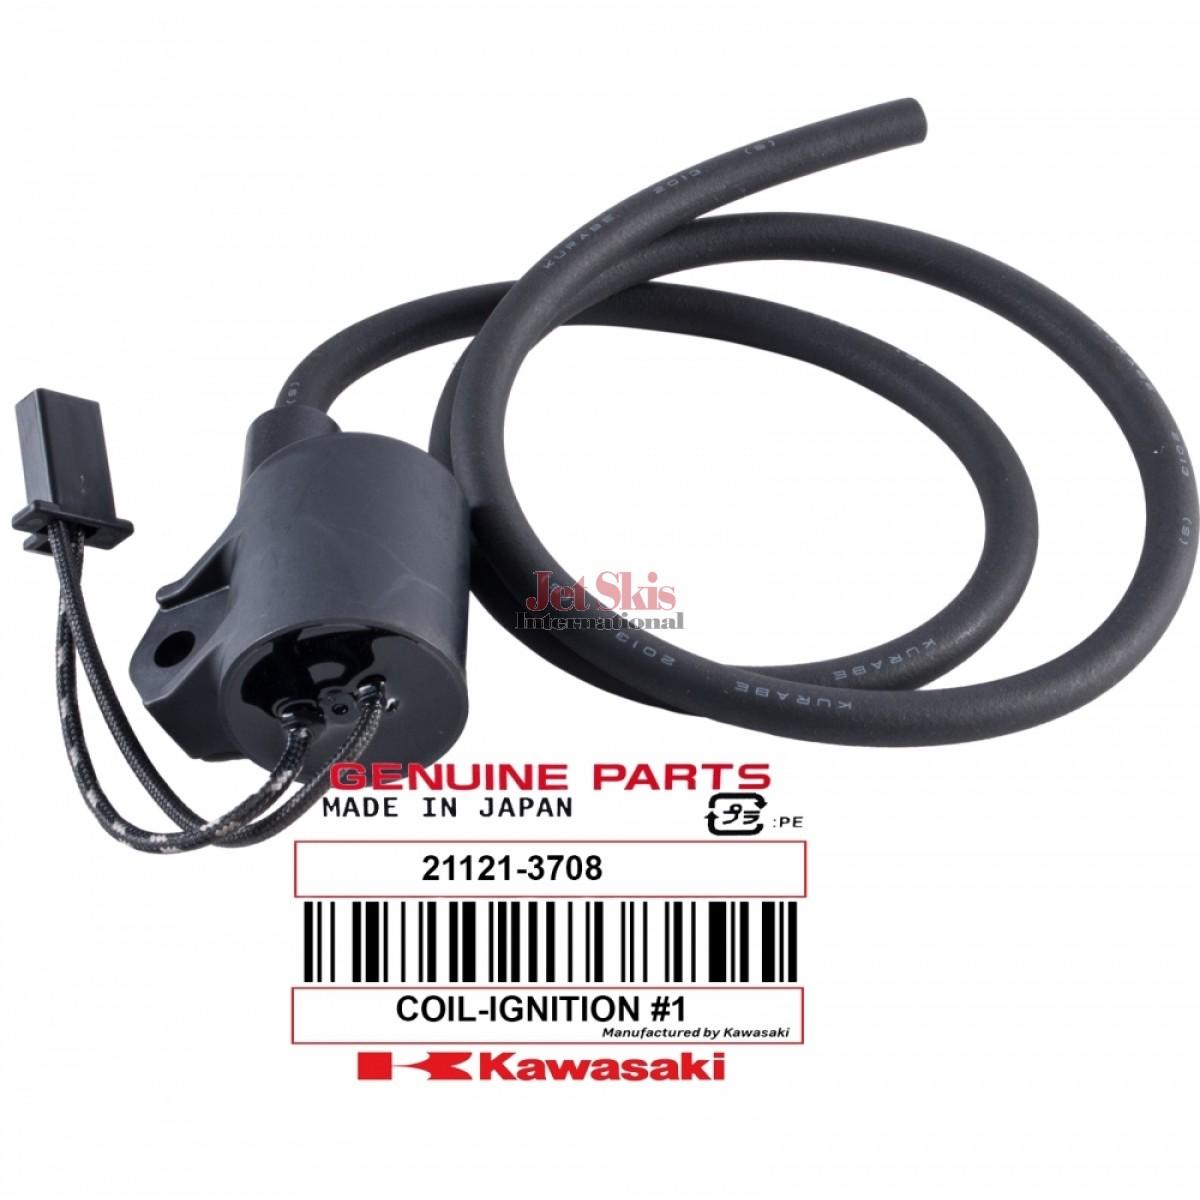 kawasaki 750 xi wiring diagram, kawasaki mule 610 wiring diagram, kawasaki  zx9r wiring-